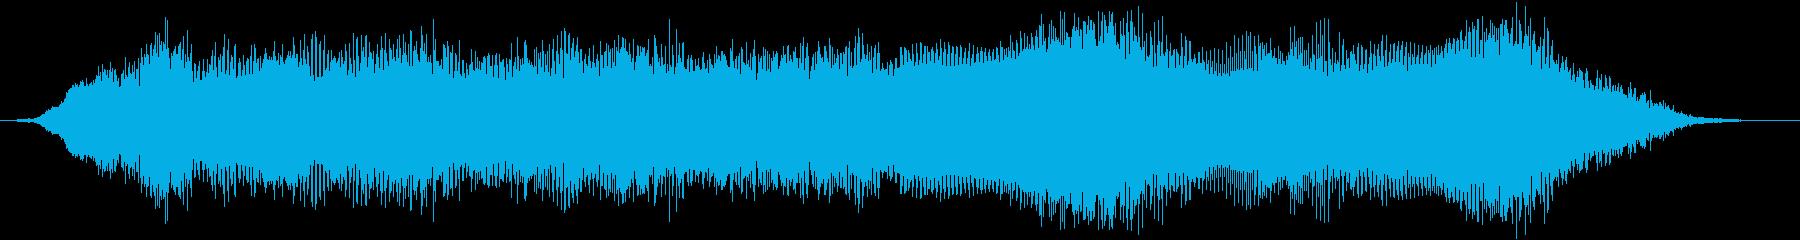 【ホラー演出】SFX_57 グワーンッ!の再生済みの波形